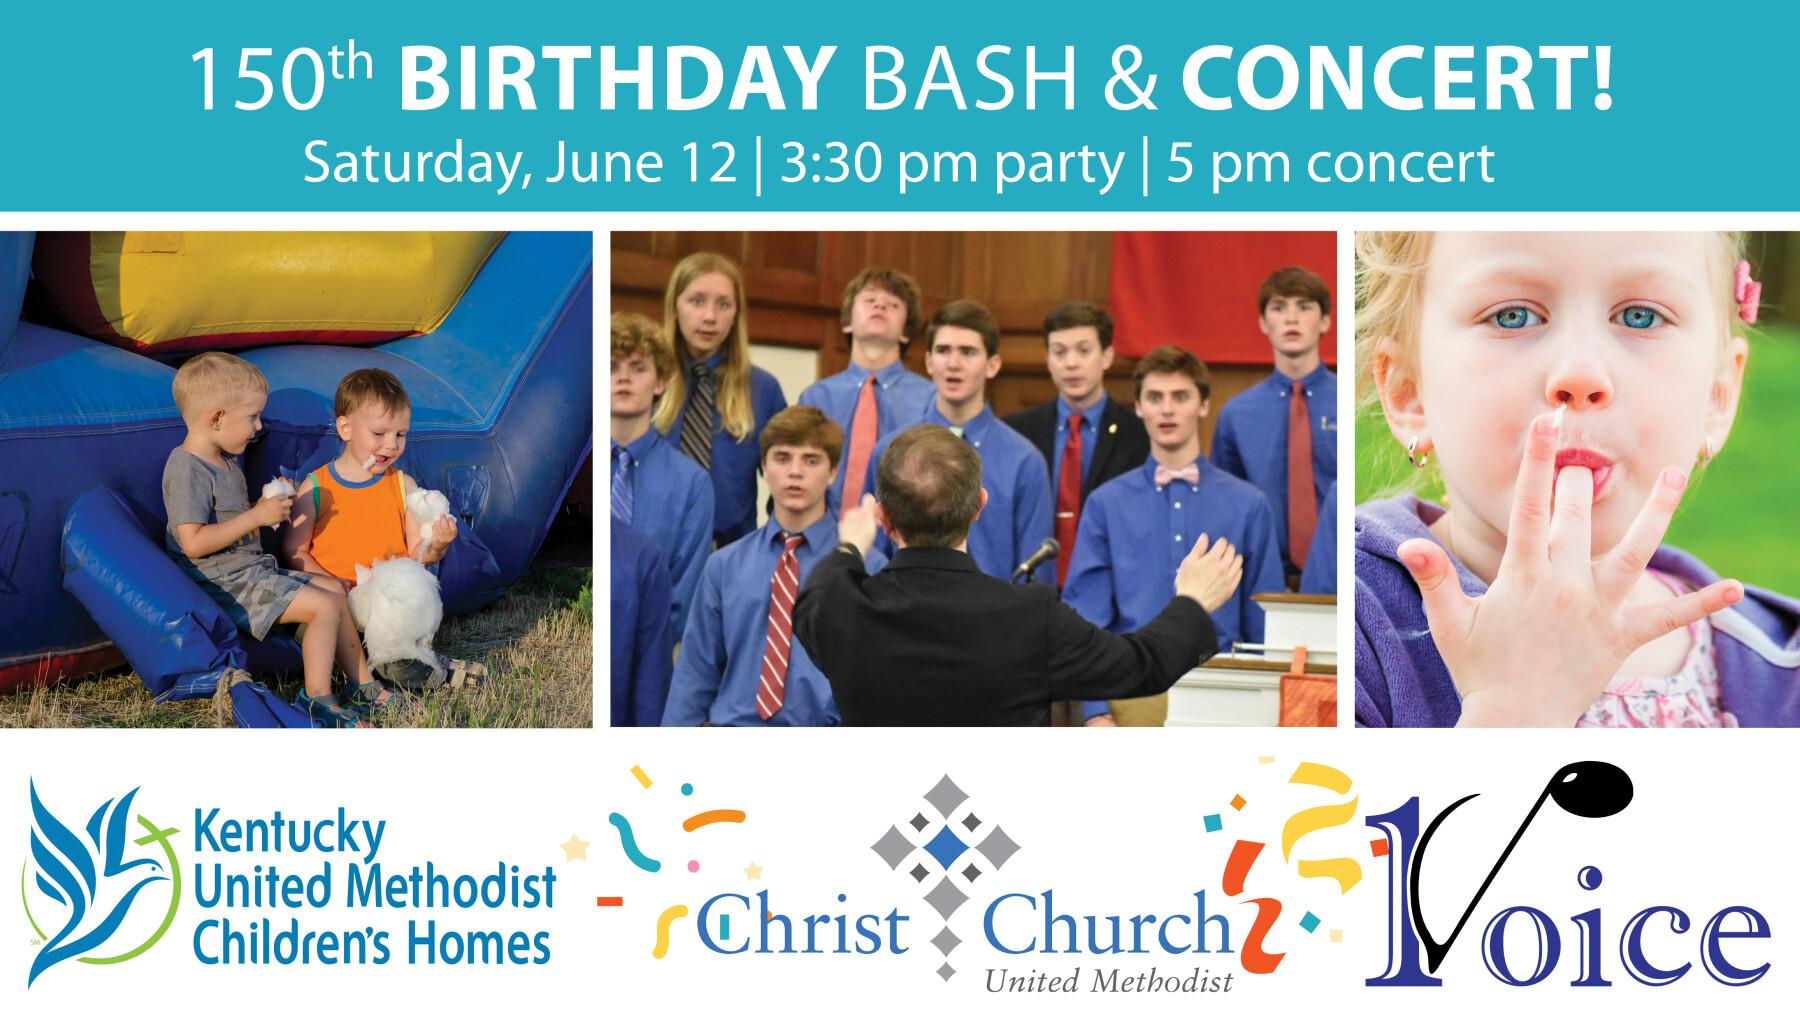 KY United Methodist Children's Homes 150th Birthday Bash